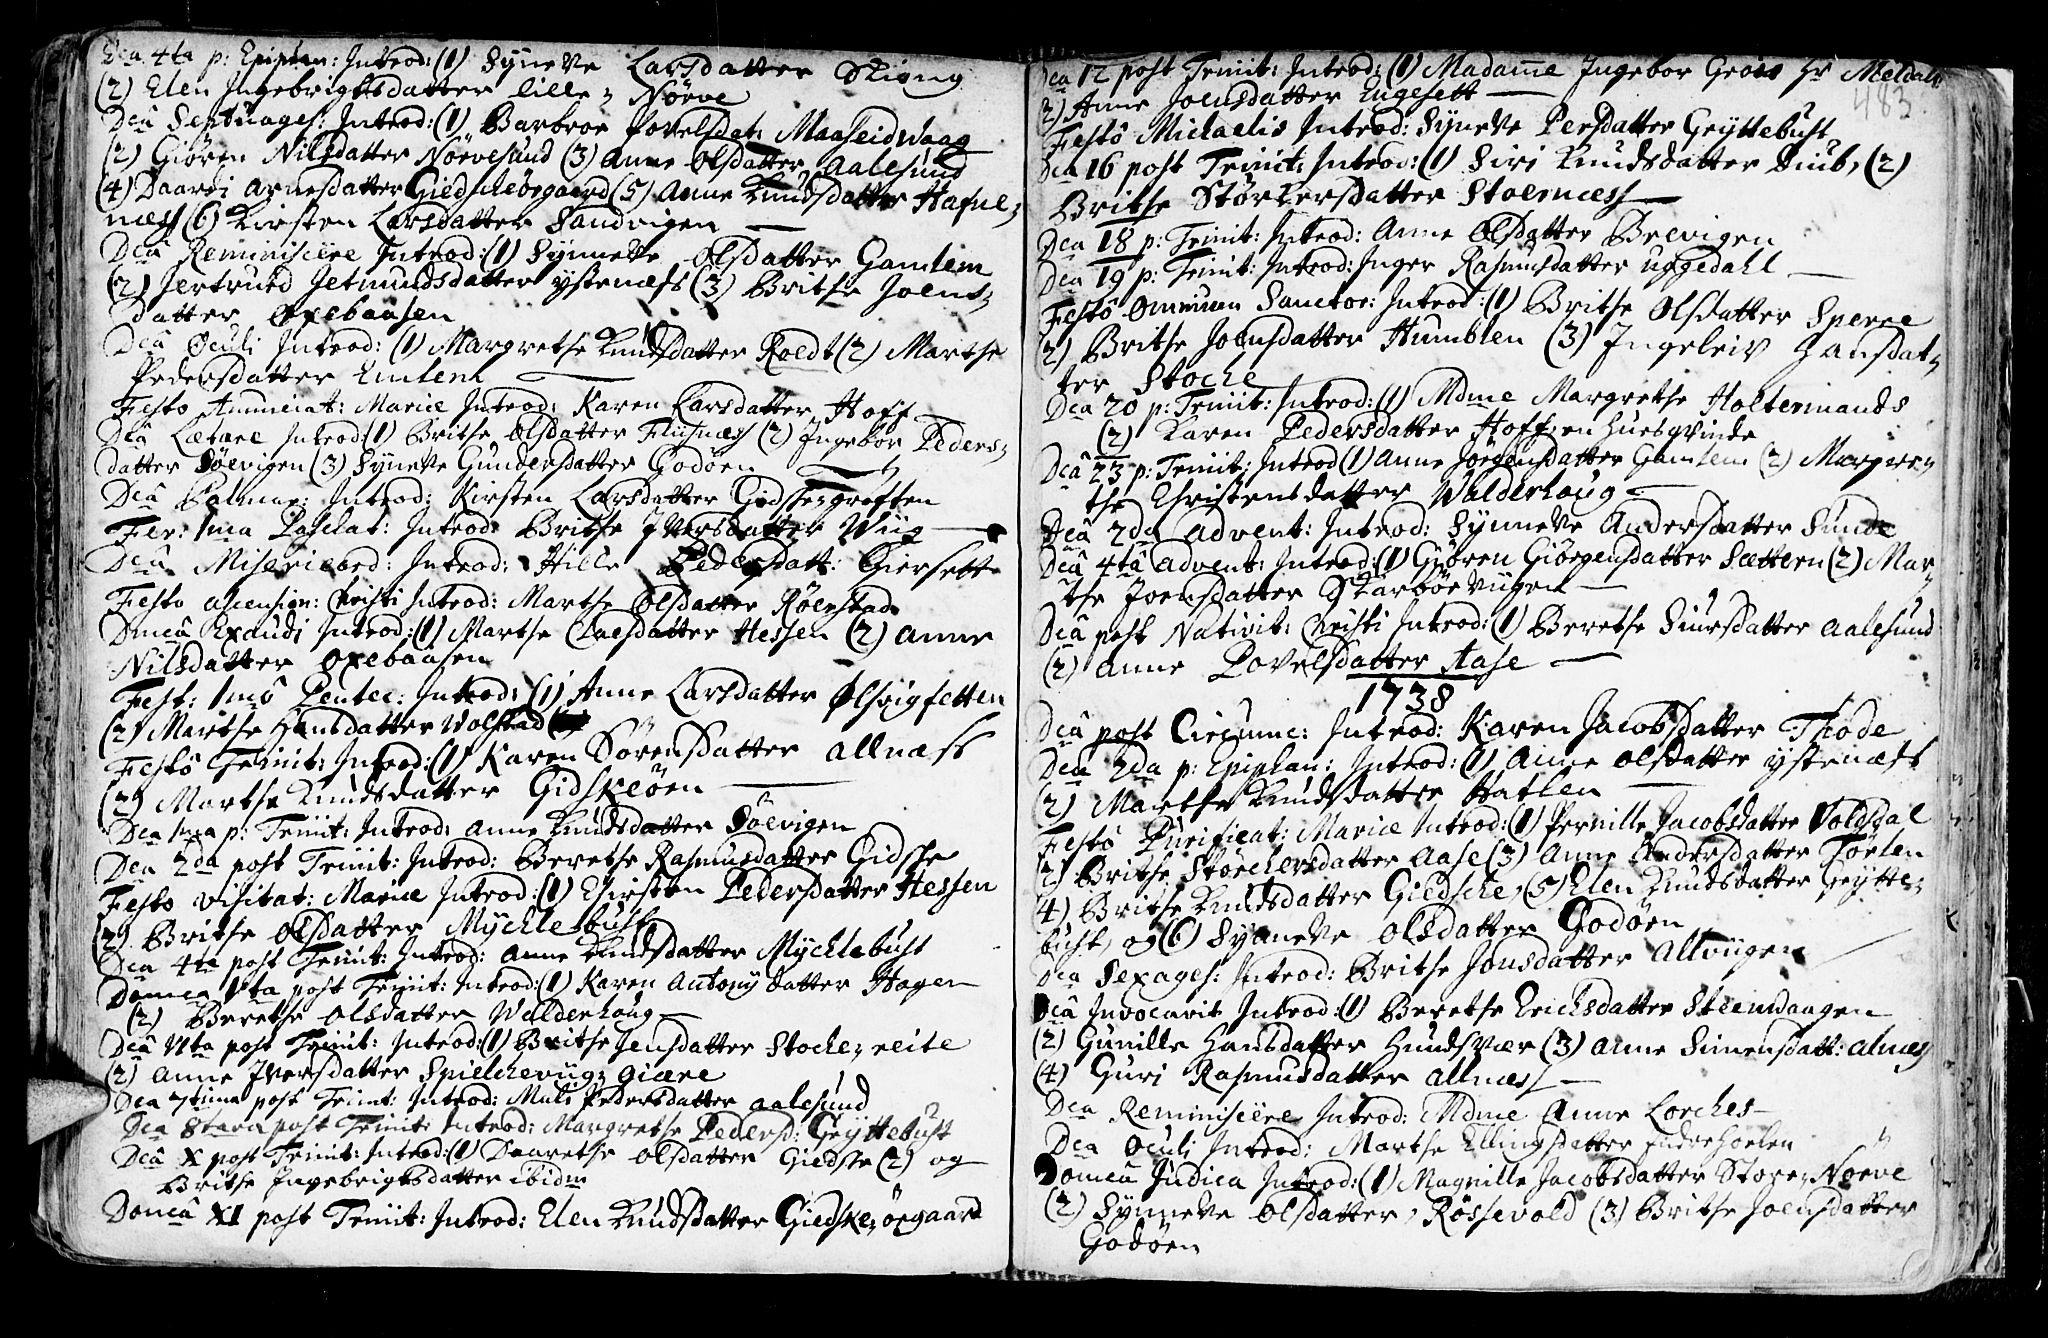 SAT, Ministerialprotokoller, klokkerbøker og fødselsregistre - Møre og Romsdal, 528/L0390: Ministerialbok nr. 528A01, 1698-1739, s. 482-483